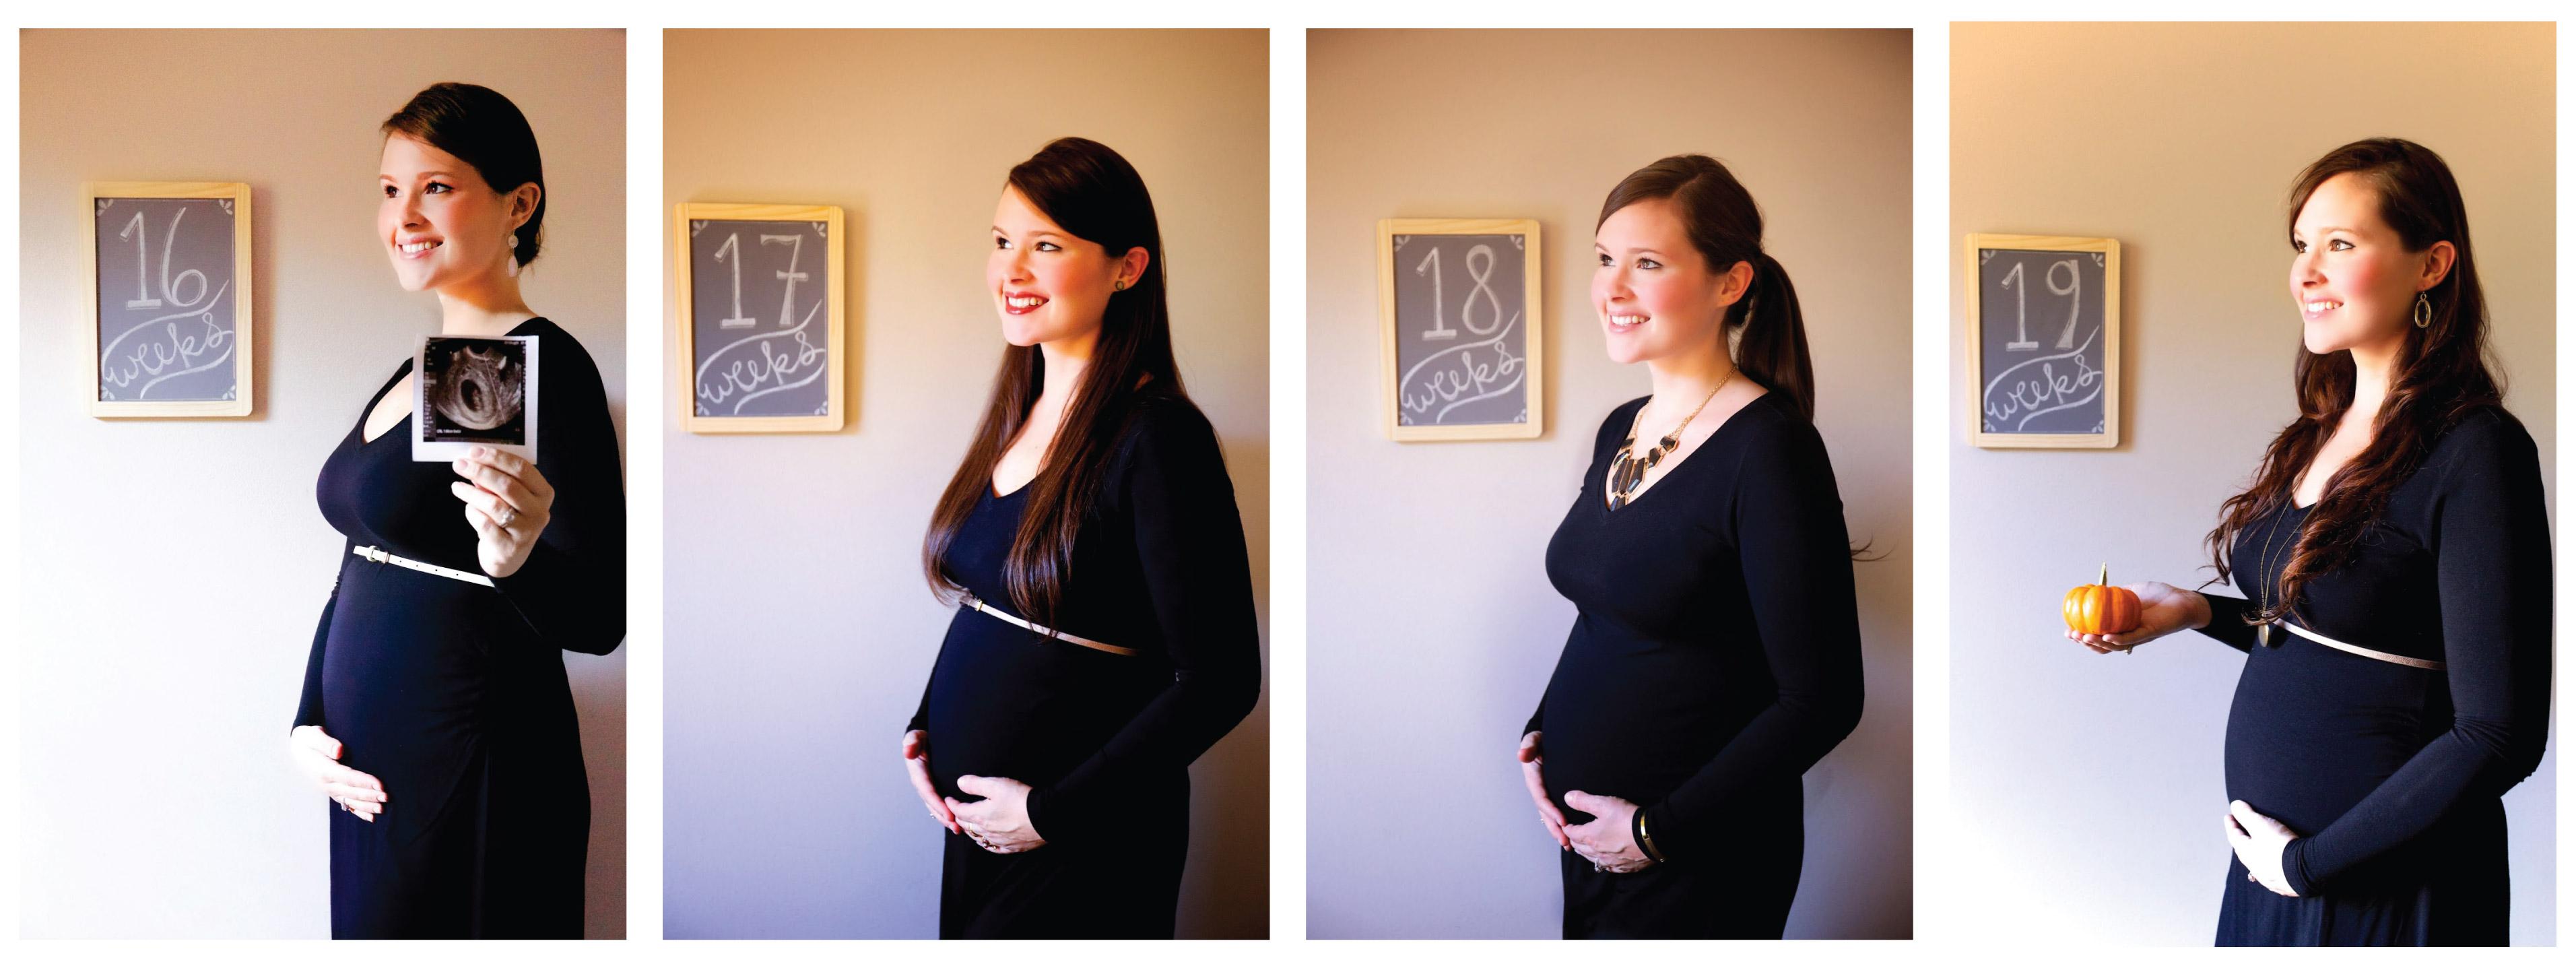 Pregnant Bellies Week By Week 59